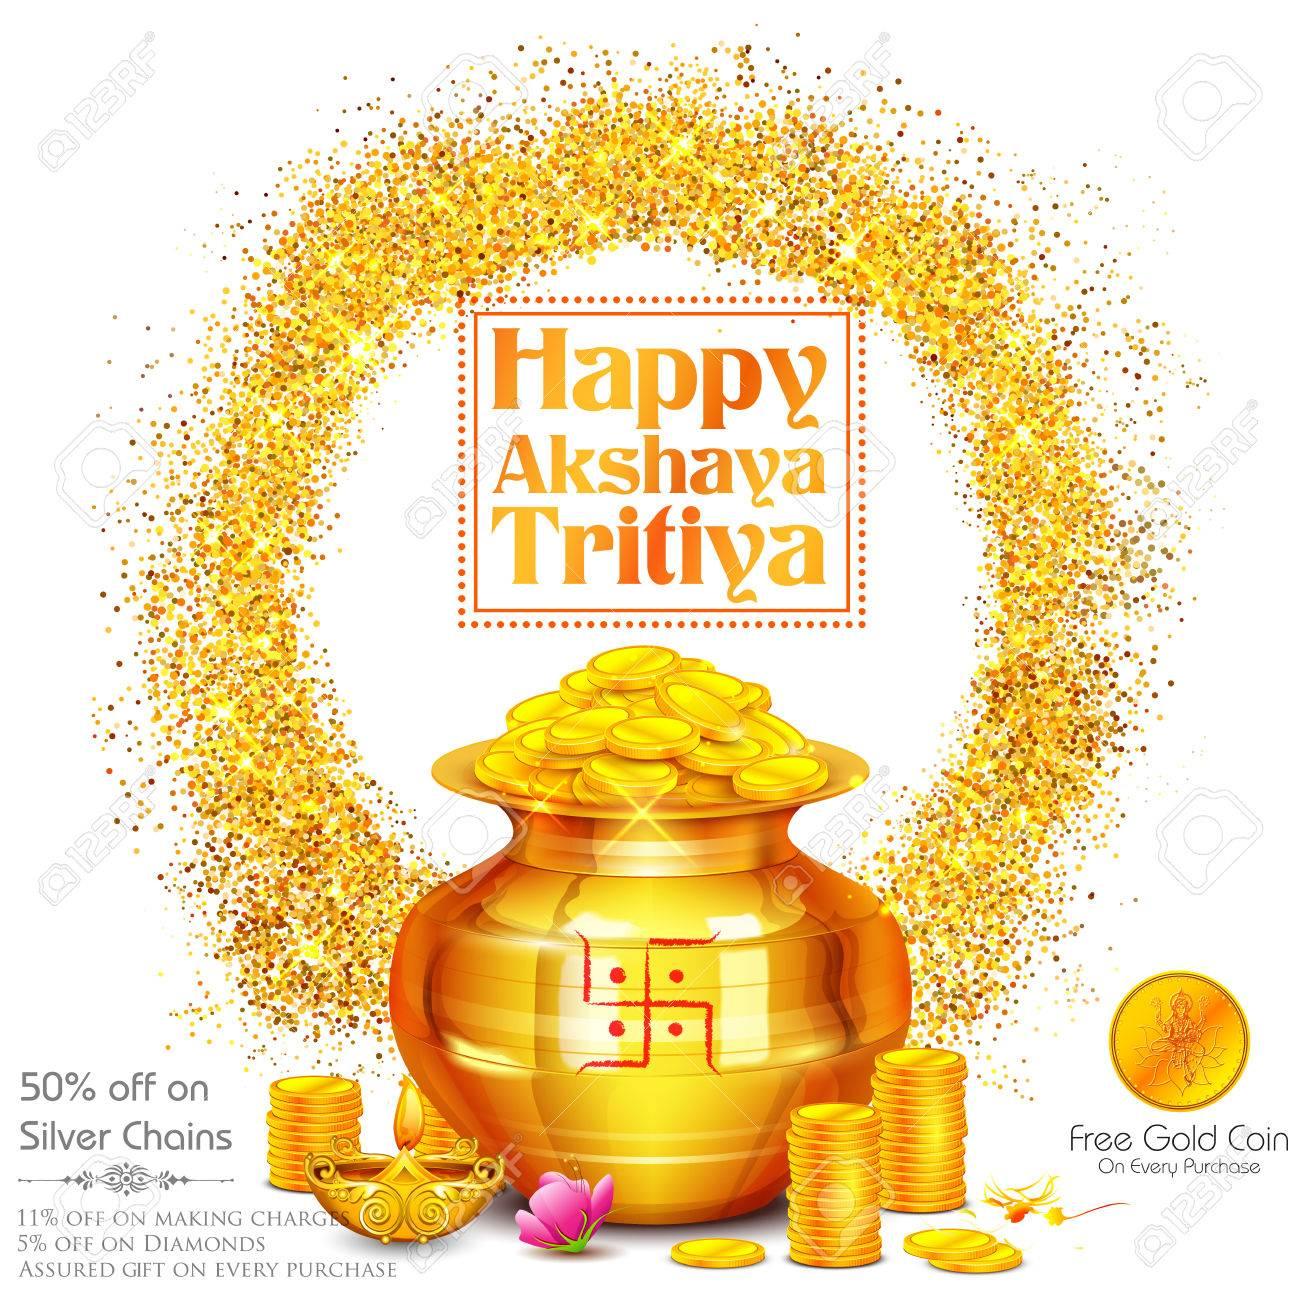 Illustration of background for Happy Akshay Tritiya celebration - 76543372